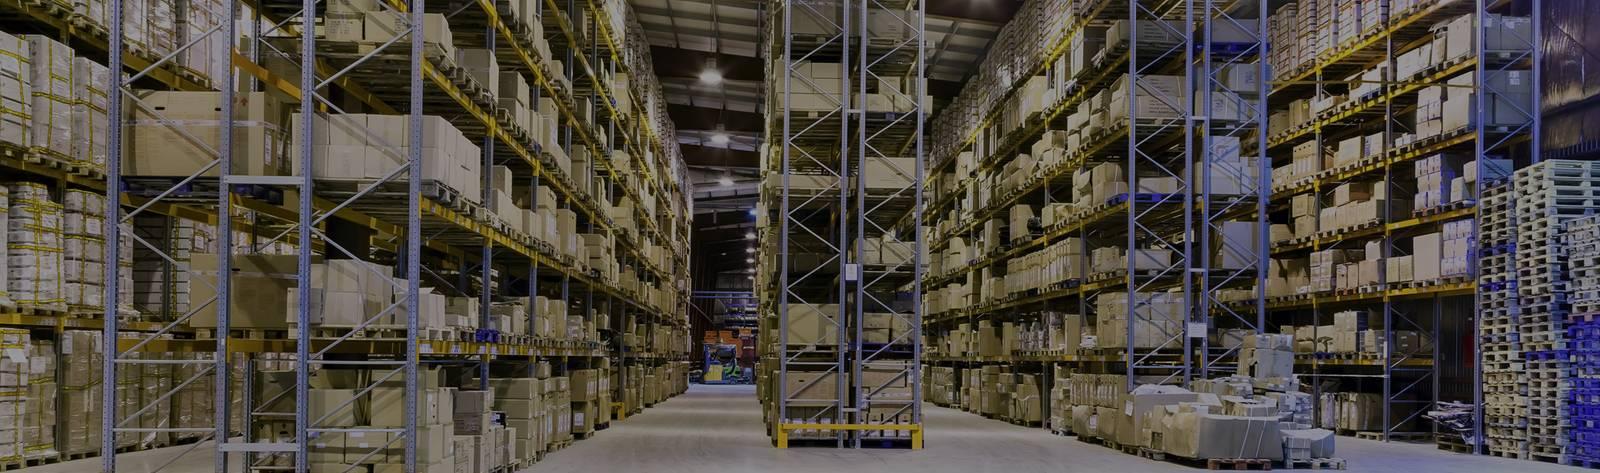 Logistics Material Handling Jobs